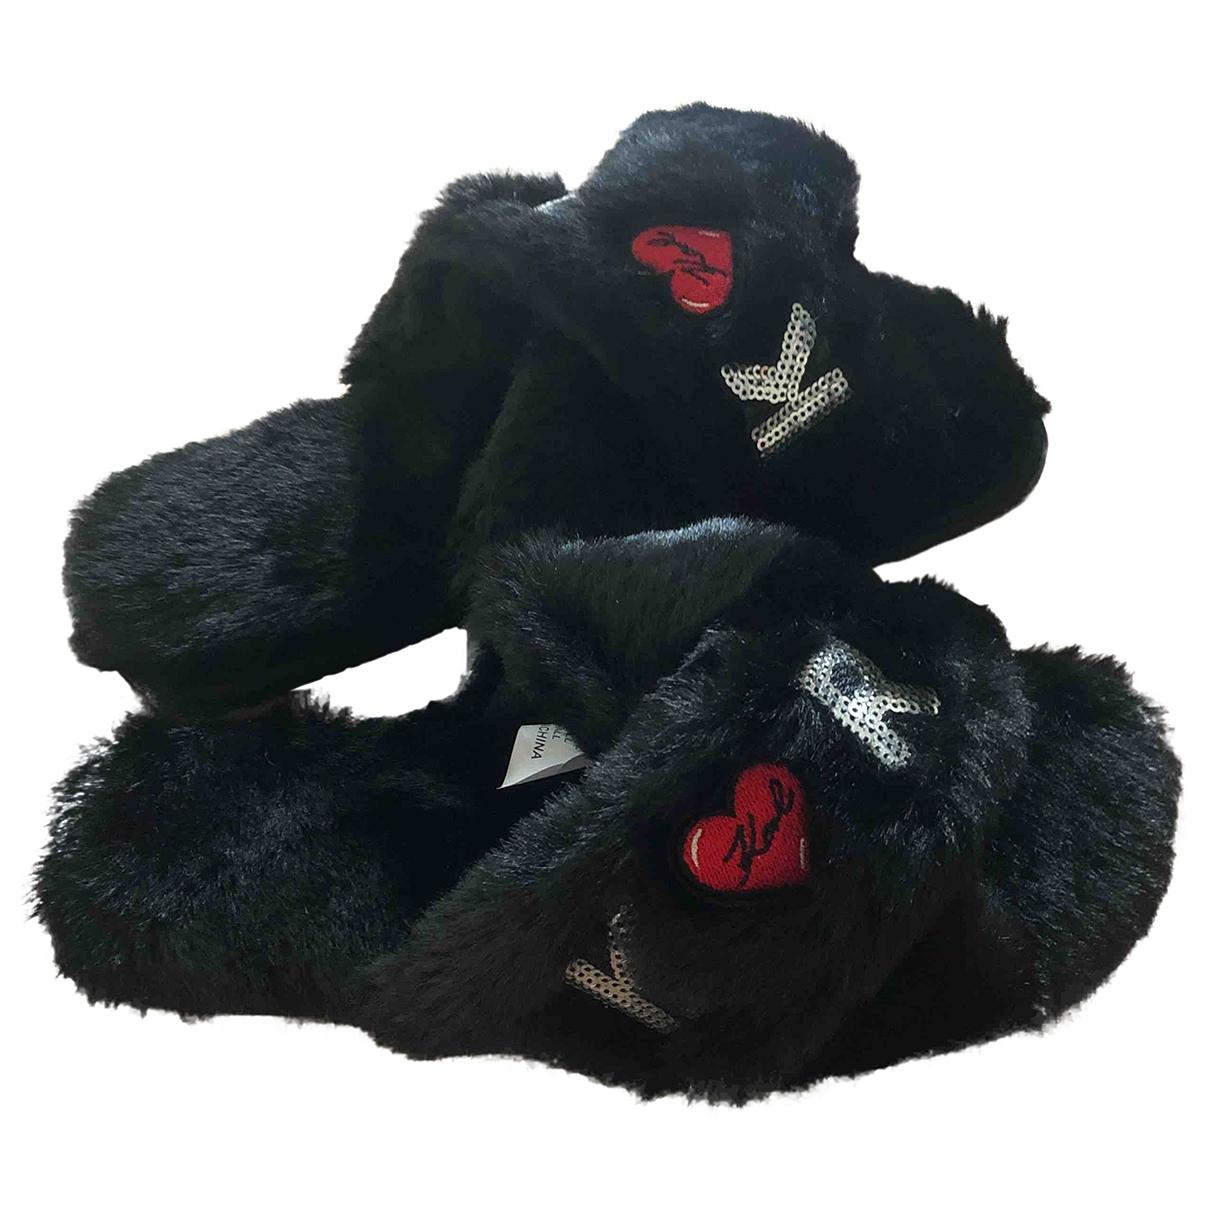 Karl Lagerfeld - Sabots   pour femme en fourrure synthetique - noir